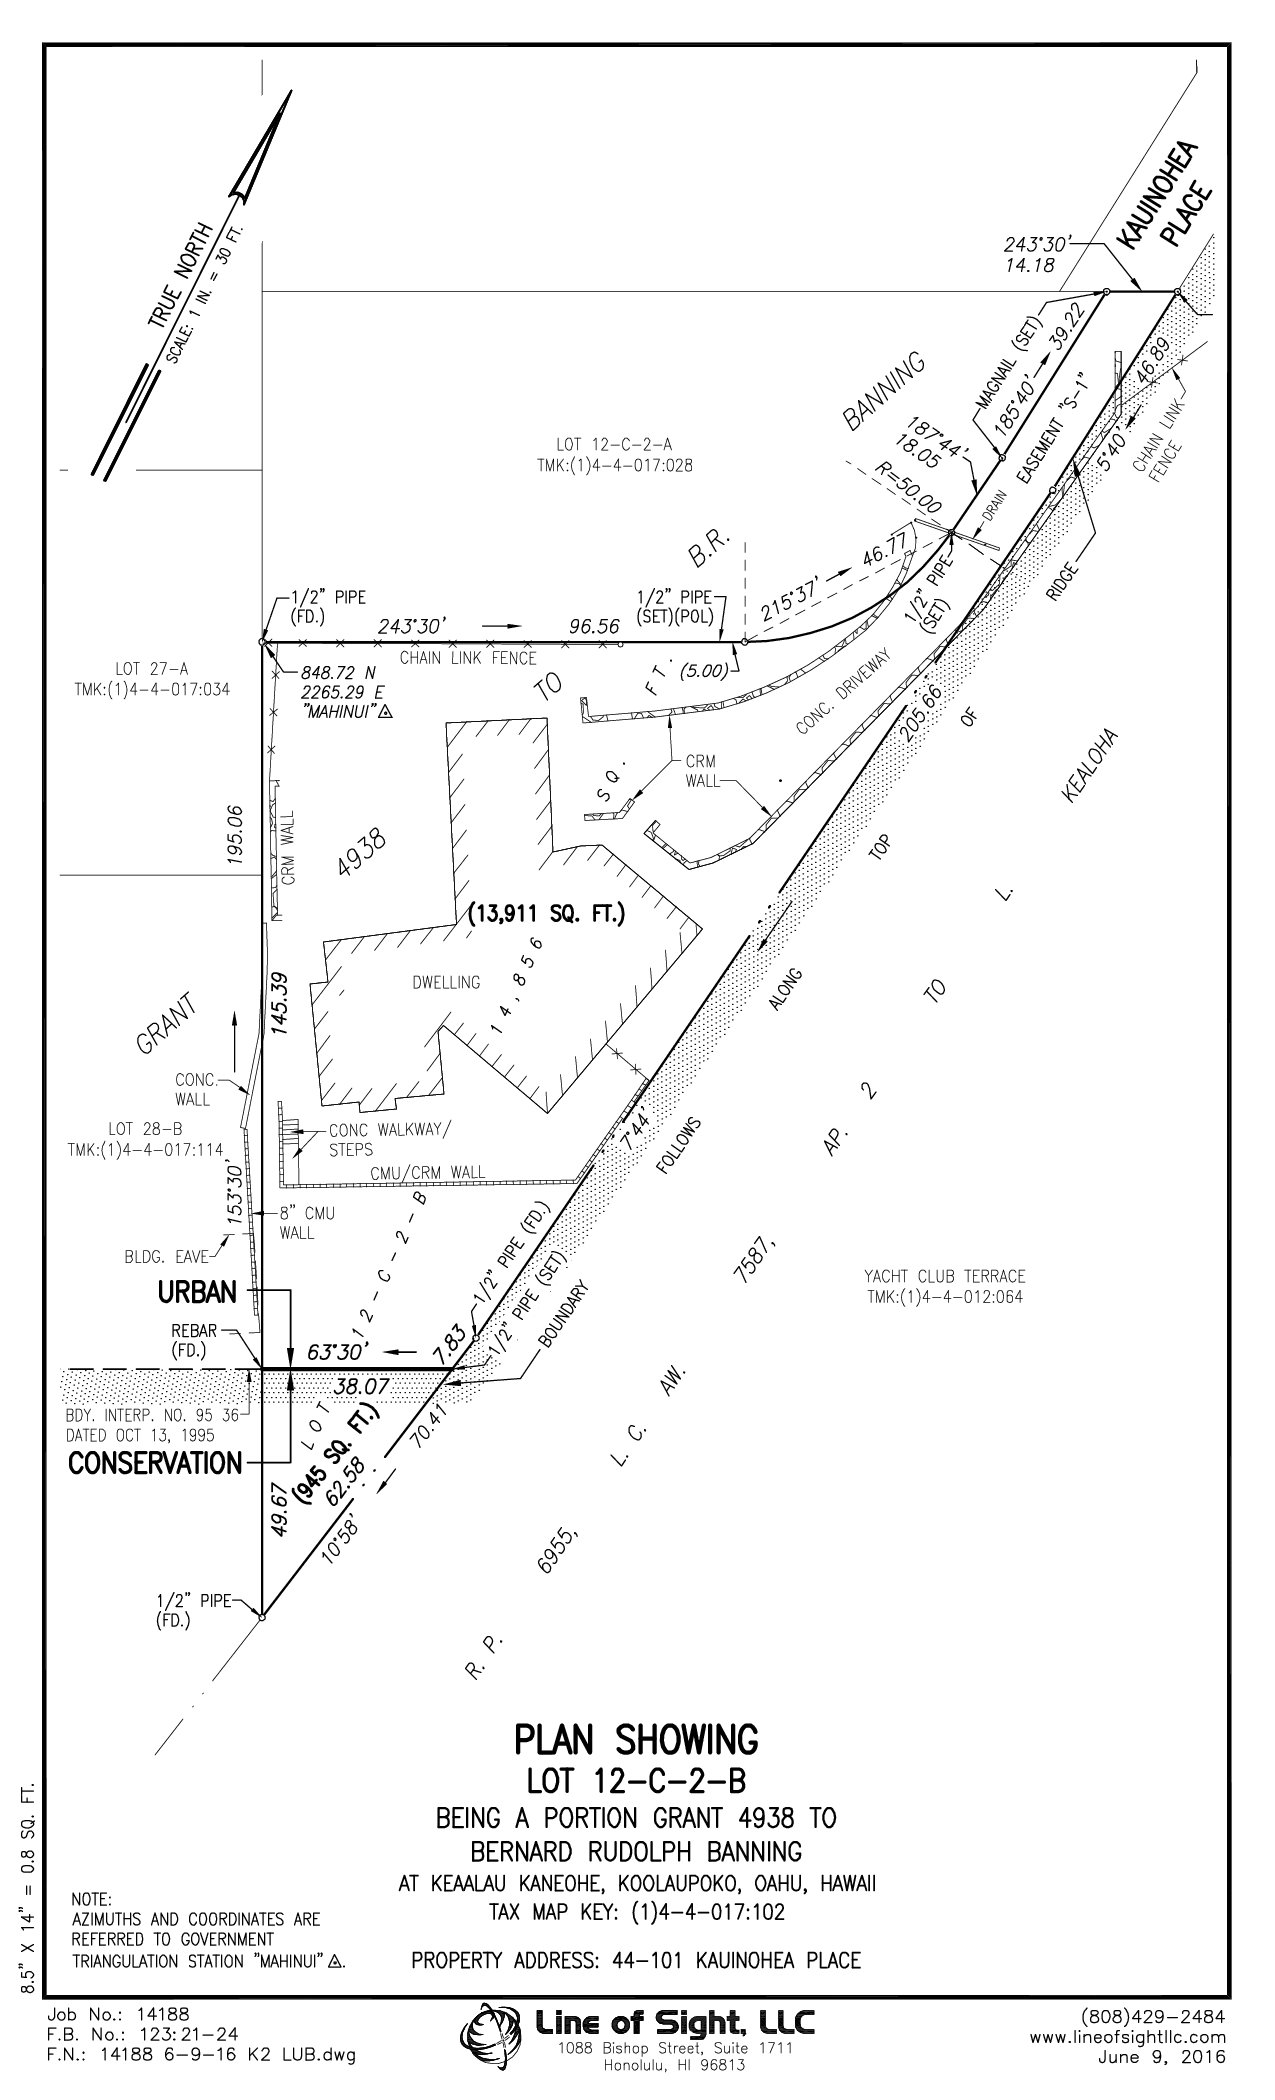 Land Use Boundary Map